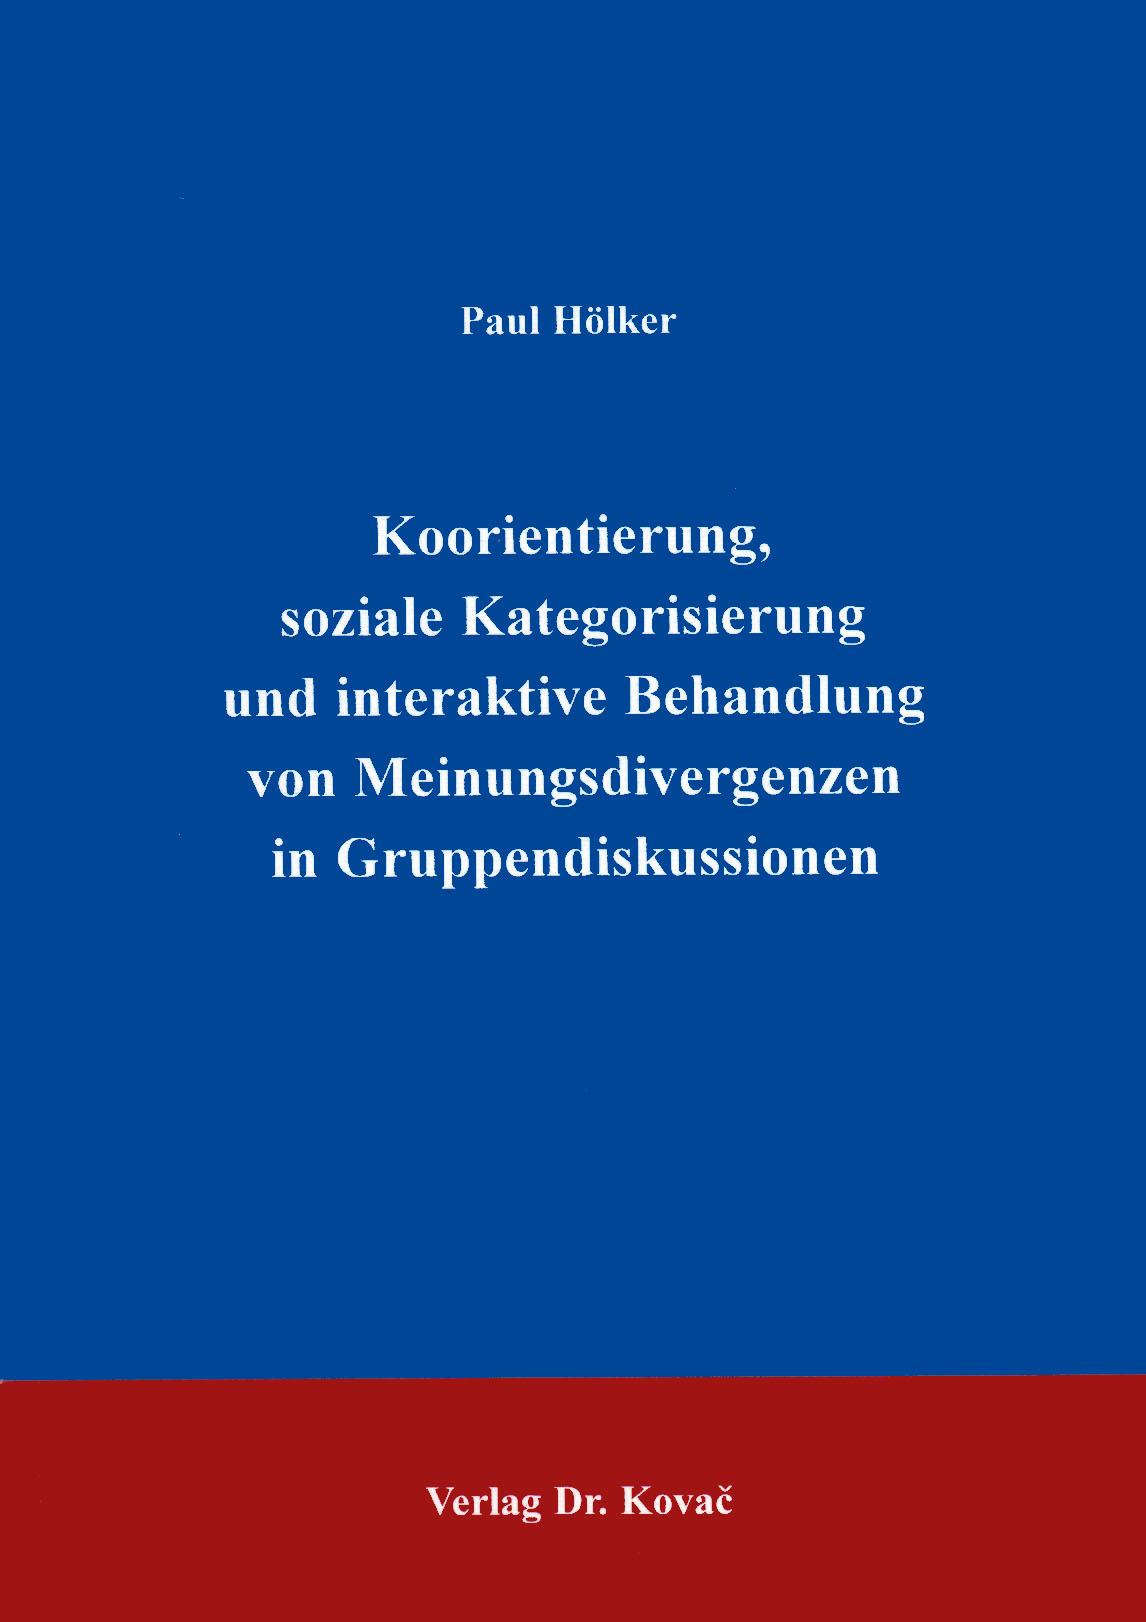 Cover: Koorientierung, soziale Kategorisierung und interaktive Behandlung von Meinungsdivergenzen in Gruppendiskussionen